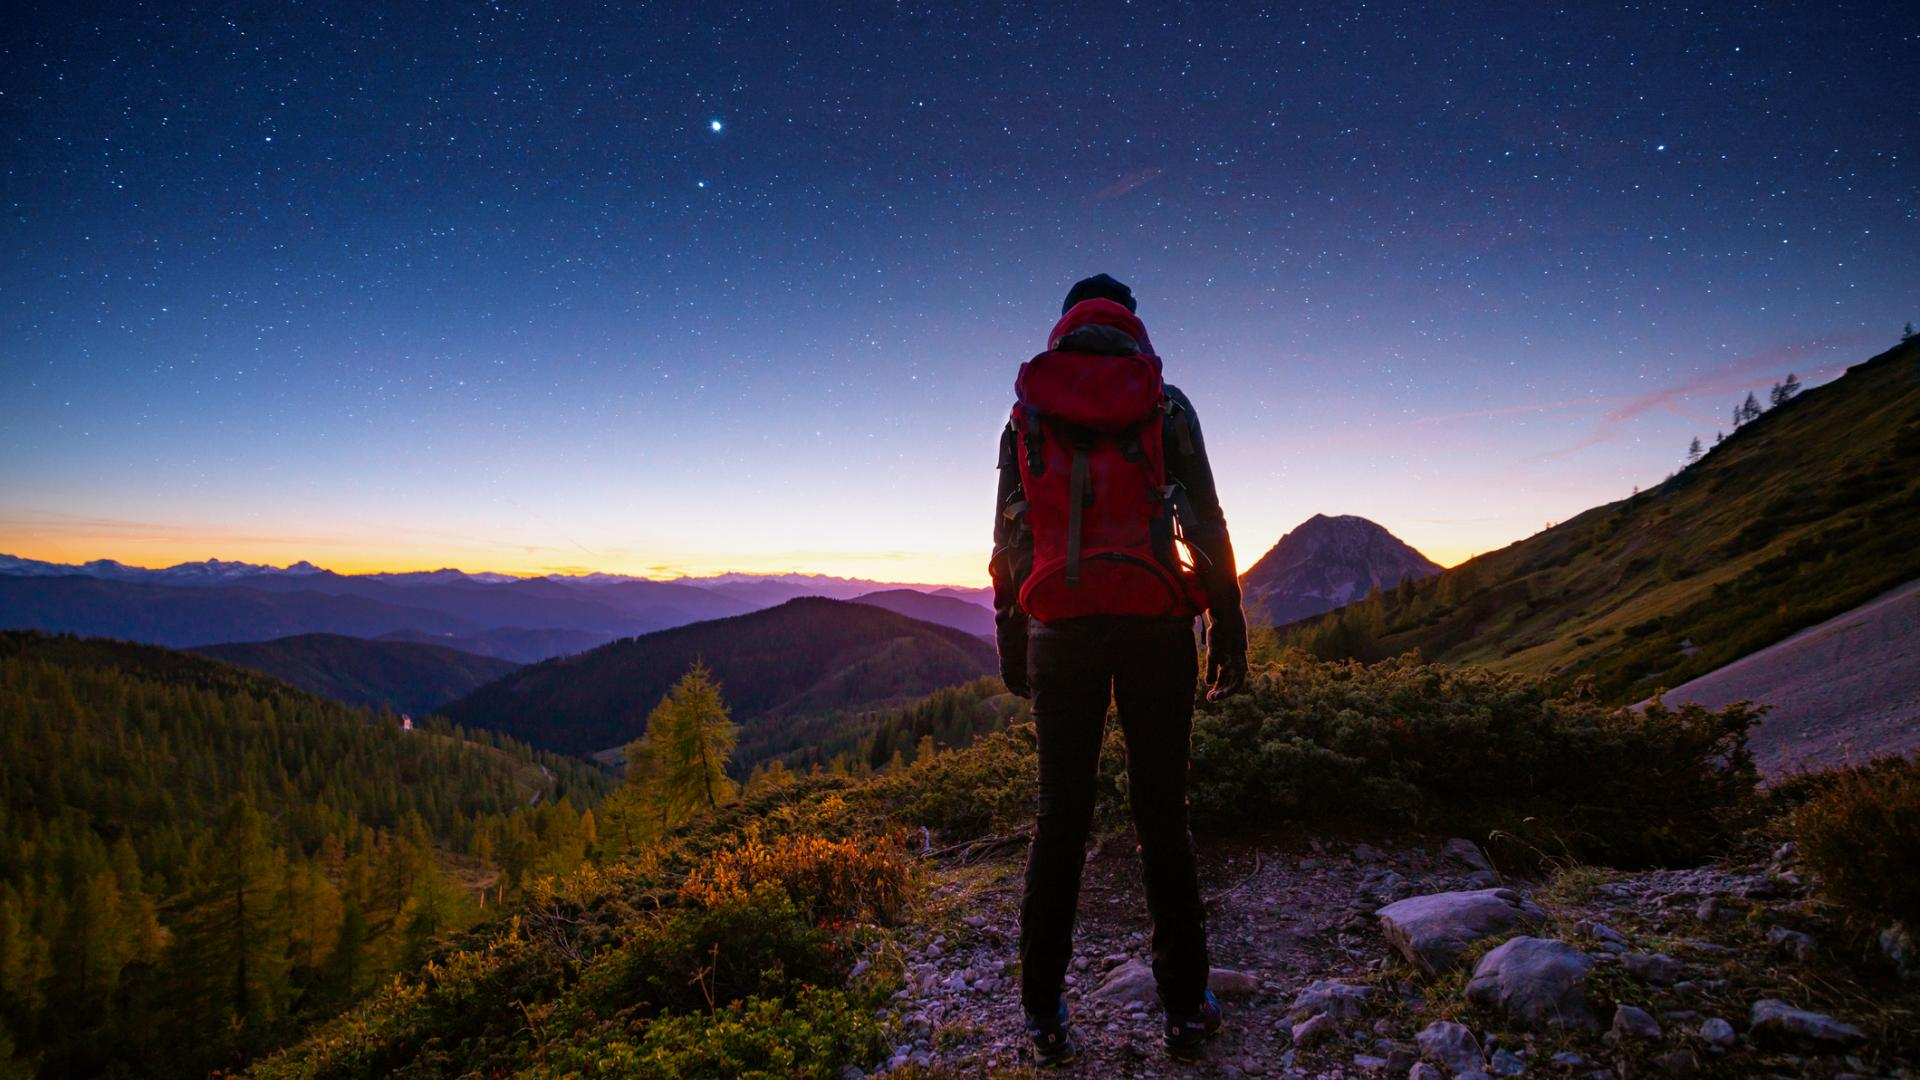 Nachtwanderung Natur Sterne Sonne